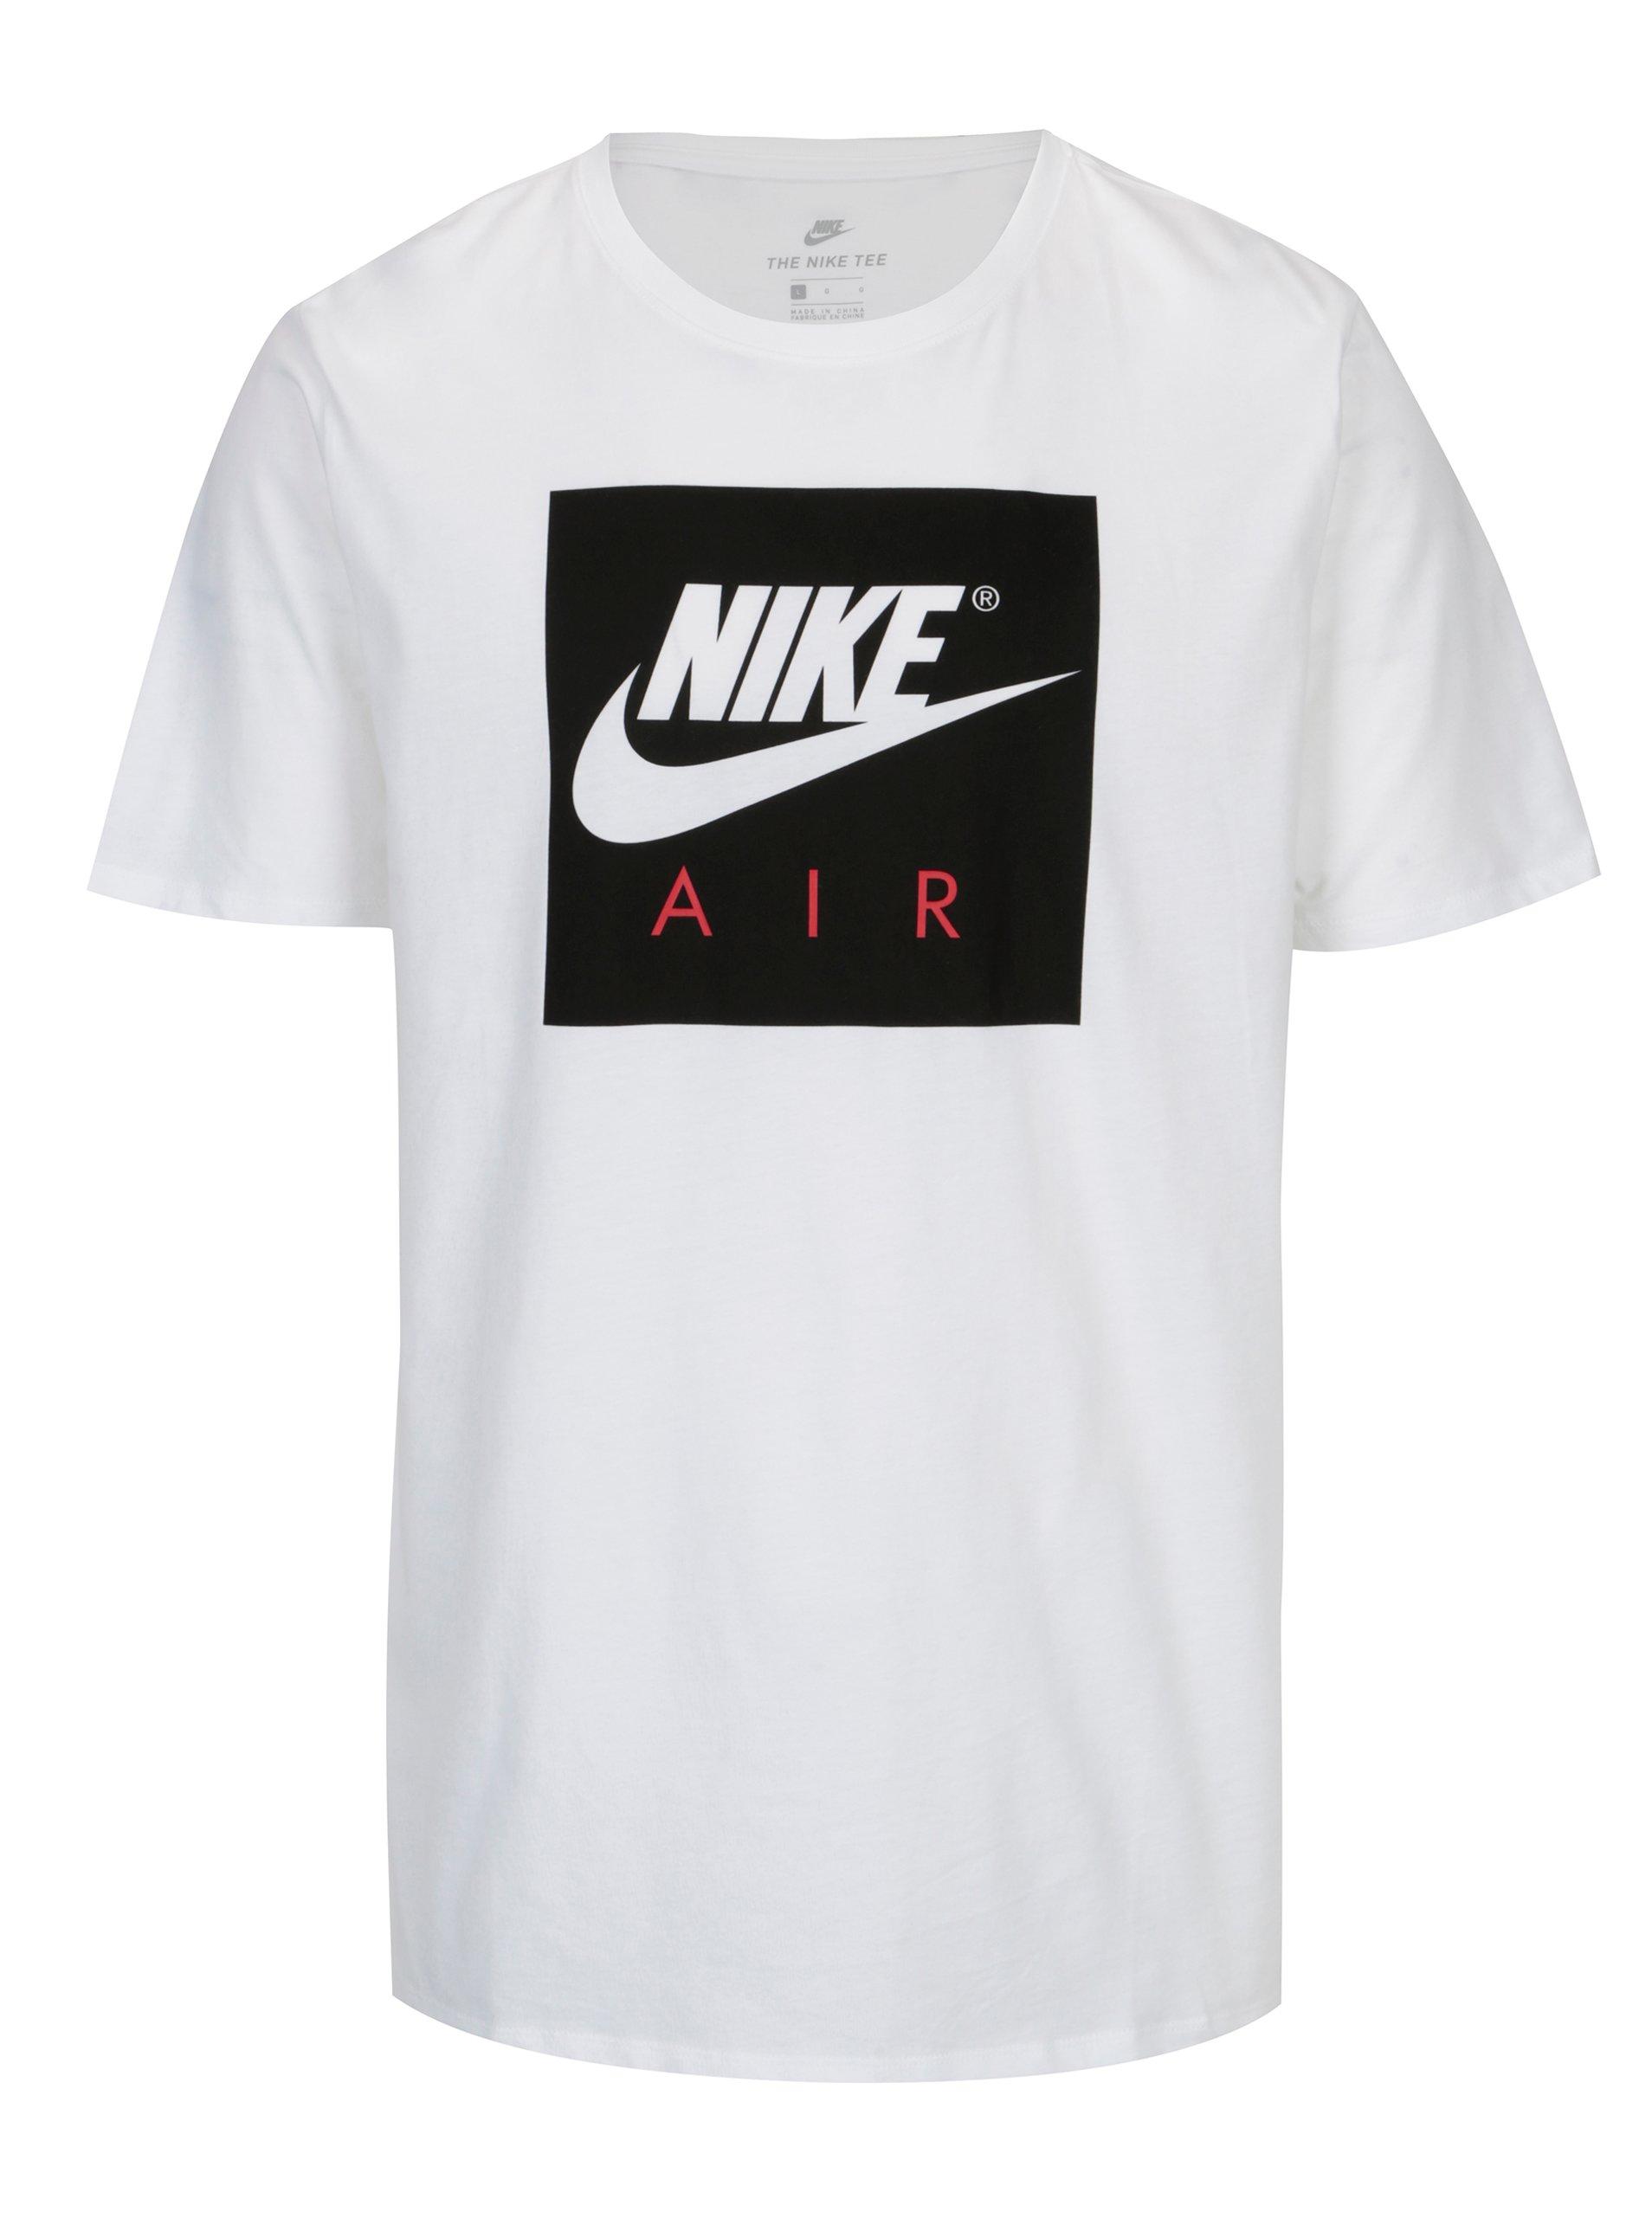 3e7f20a3f7ea Biele pánske tričko s čiernou potlačou Nike